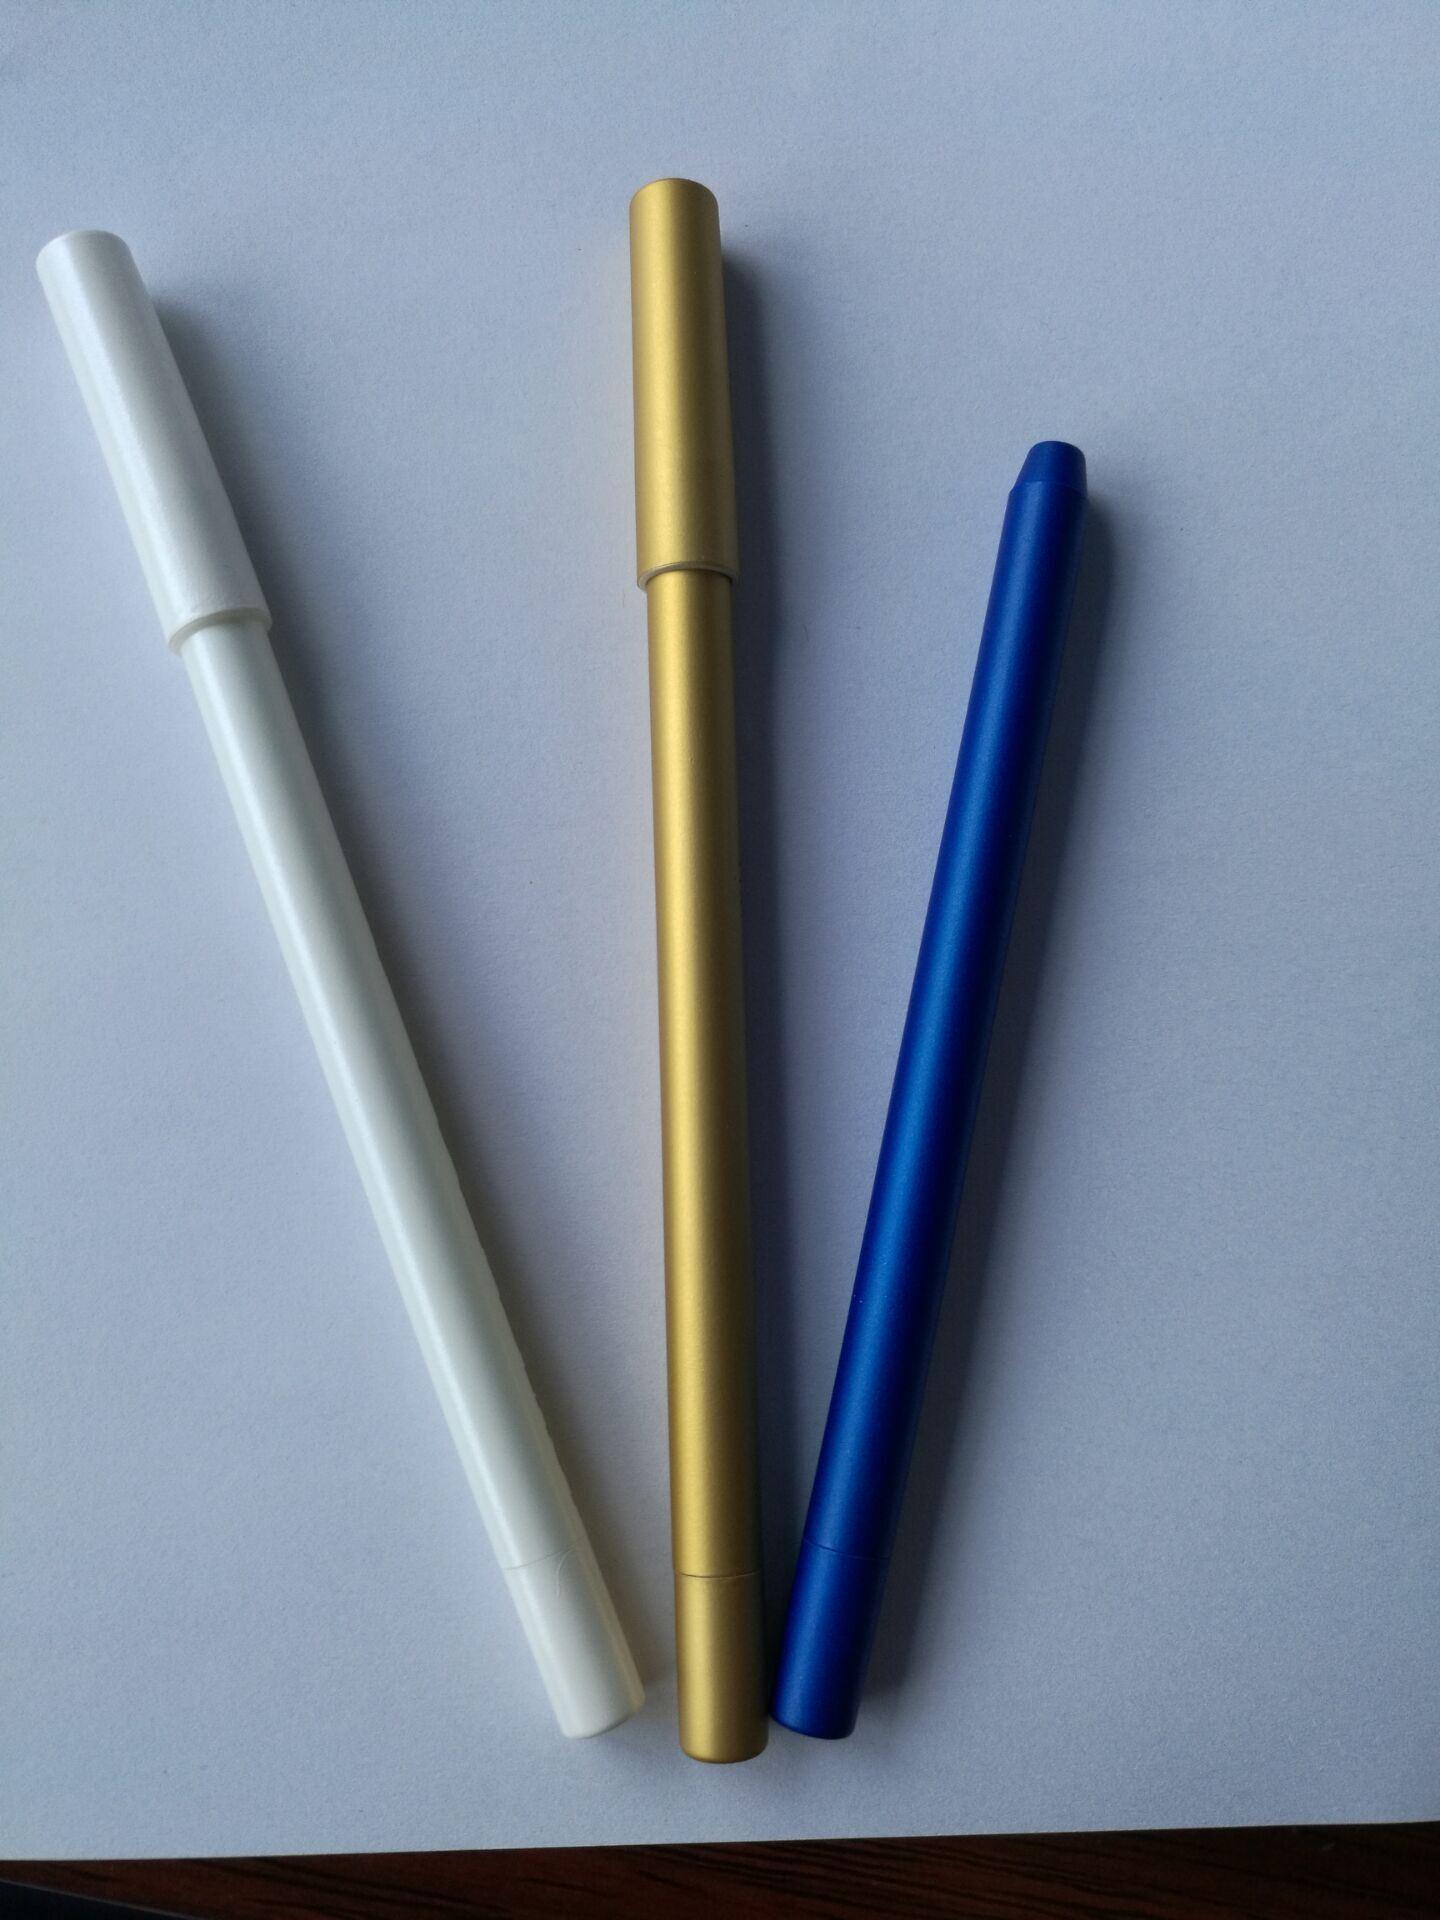 Airtight Sharpener Eyeliner Pencil Packaging